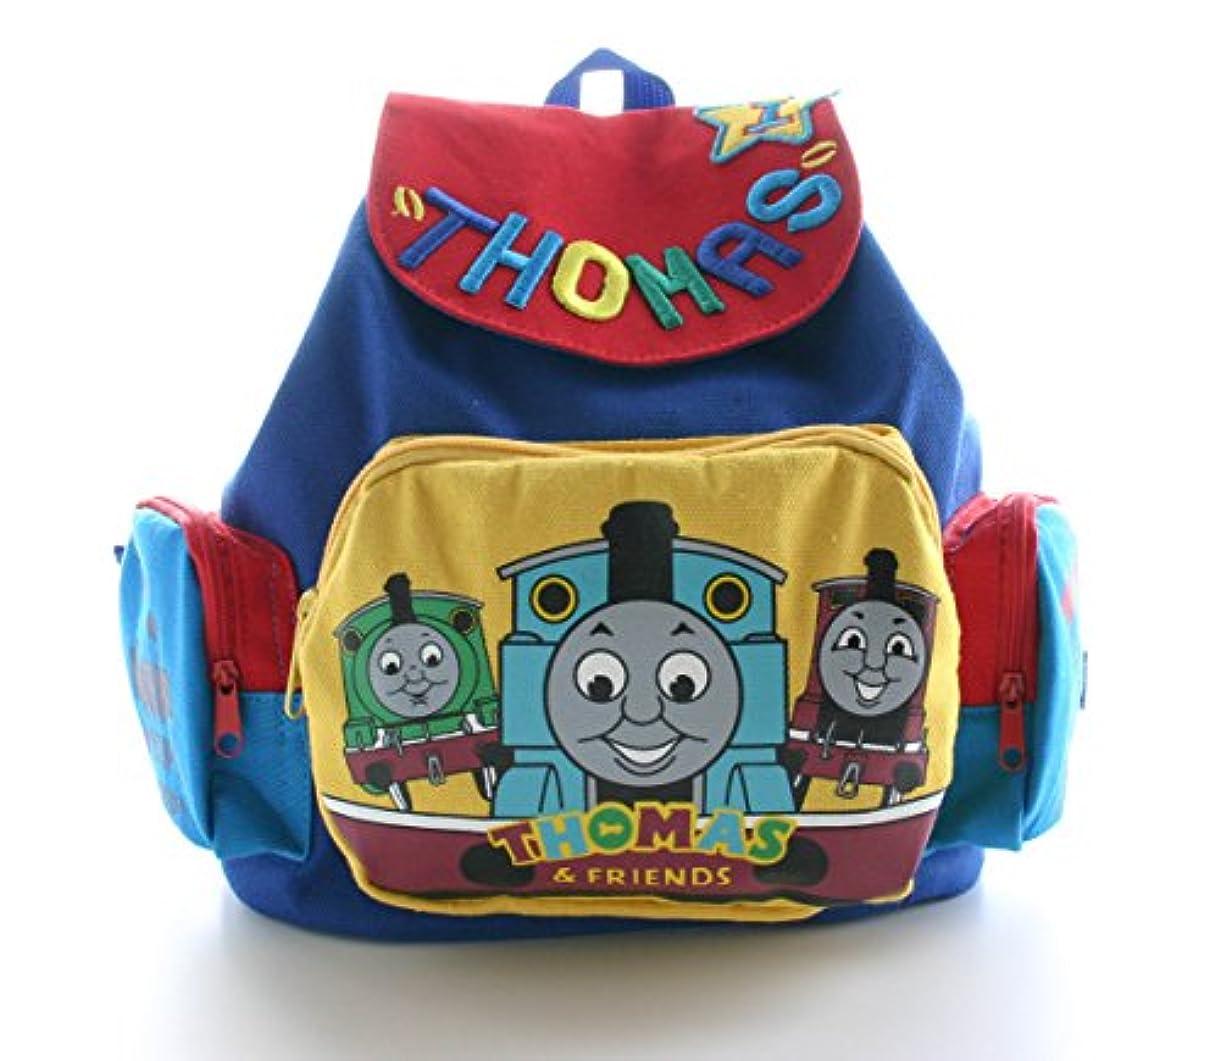 荷物精神きゅうりきかんしゃ トーマス キッズ リュックサック バッグ ボーイズ 子供用 775